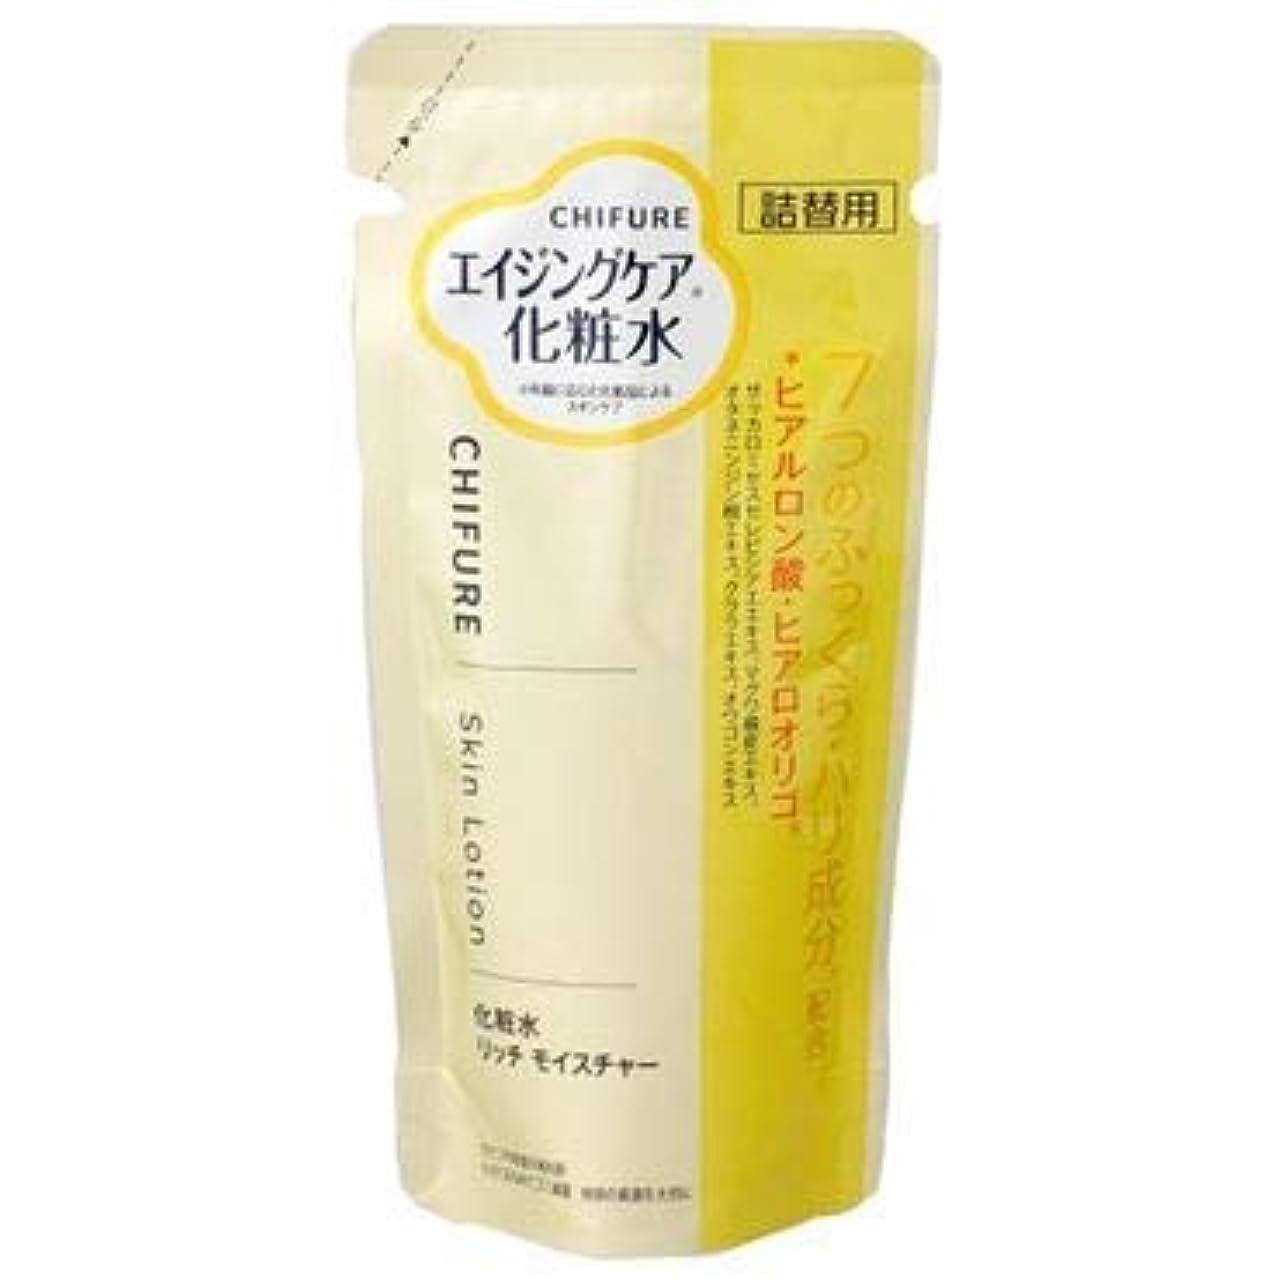 懸念敬の念劇作家ちふれ化粧品 化粧水 リッチモイスチャータイプ 150ml (詰替)